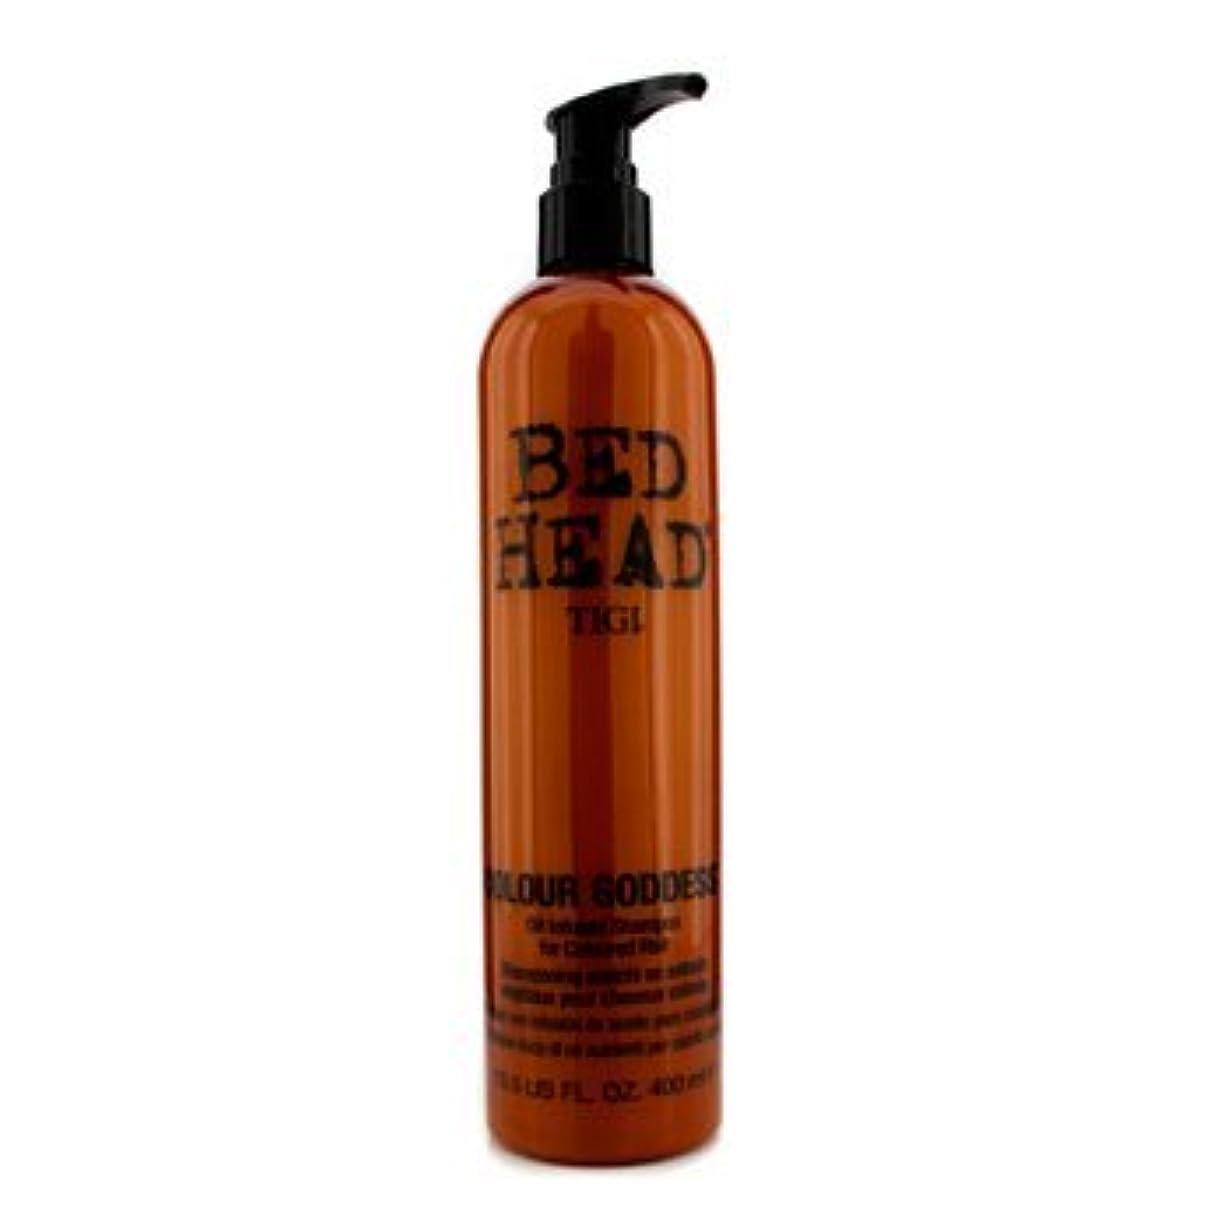 植物の空白小道Tigi Bed Head Colour Goddess Oil Infused Shampoo (For Coloured Hair) 400Ml/13.5Oz by TIGI [並行輸入品]